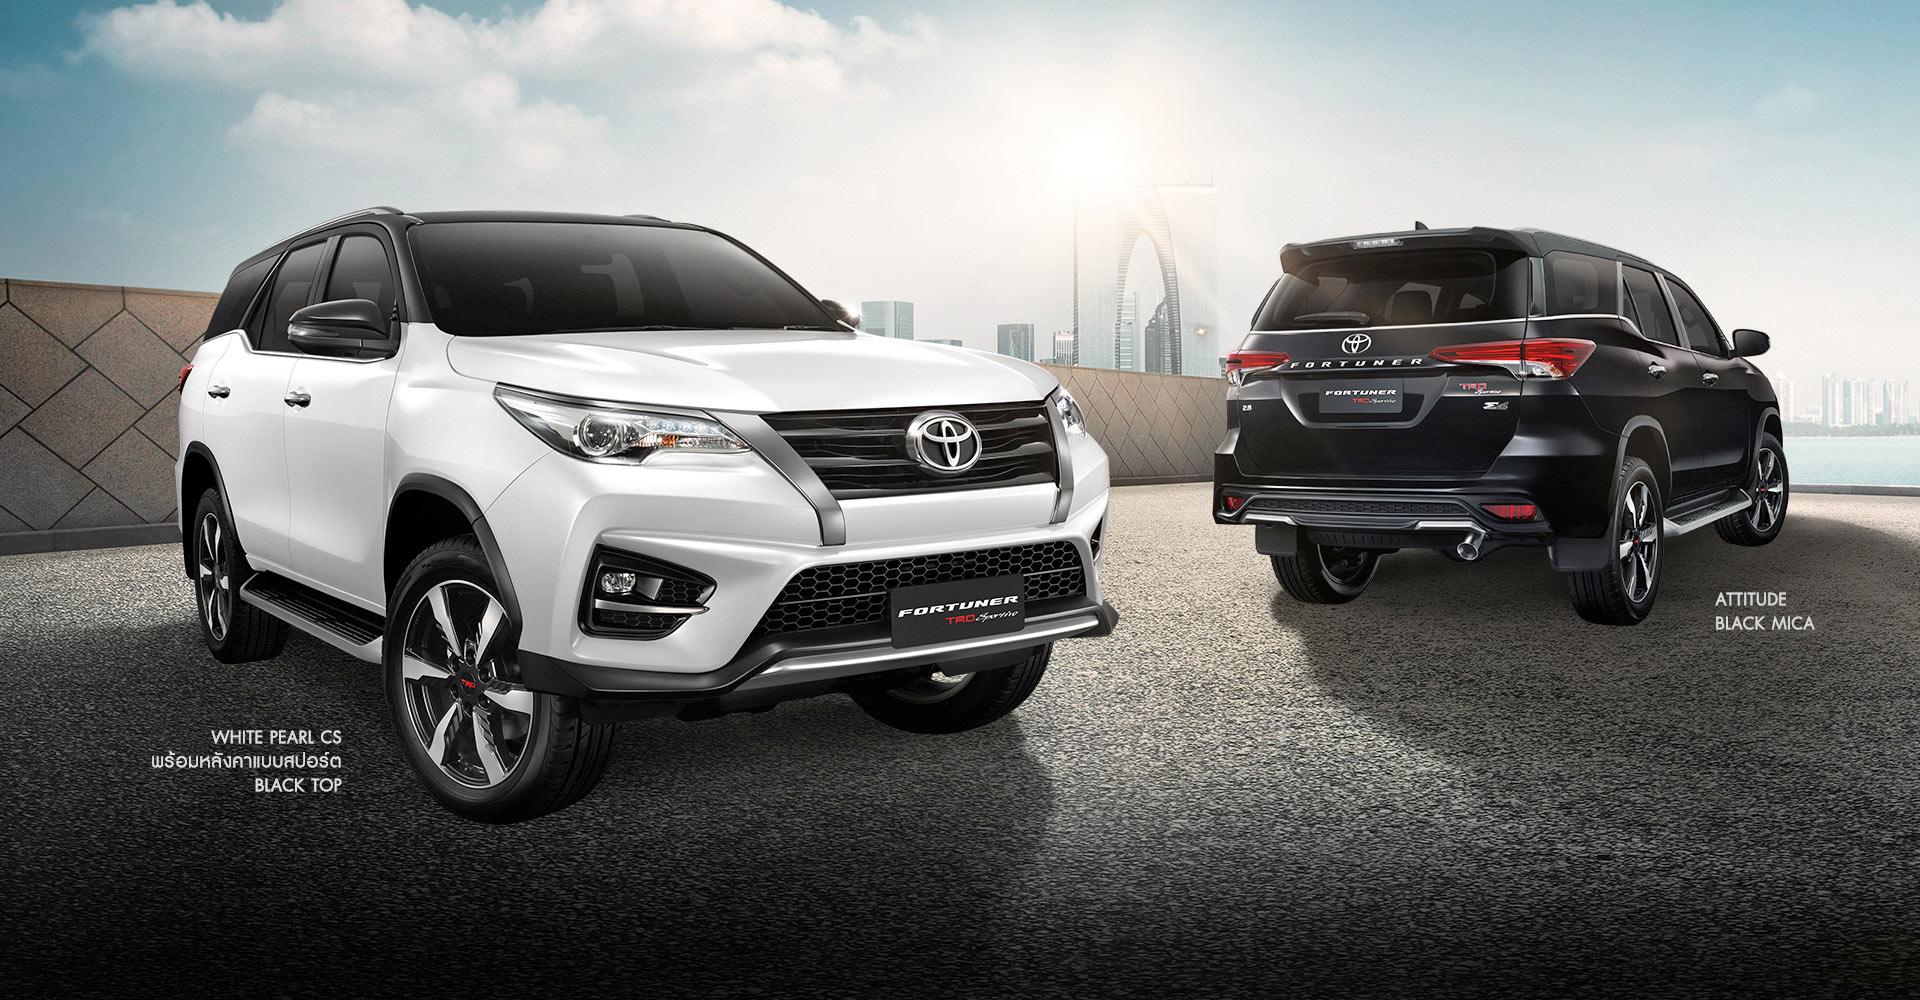 Kelebihan Kekurangan Toyota Fortuner Trd Sportivo 2019 Review